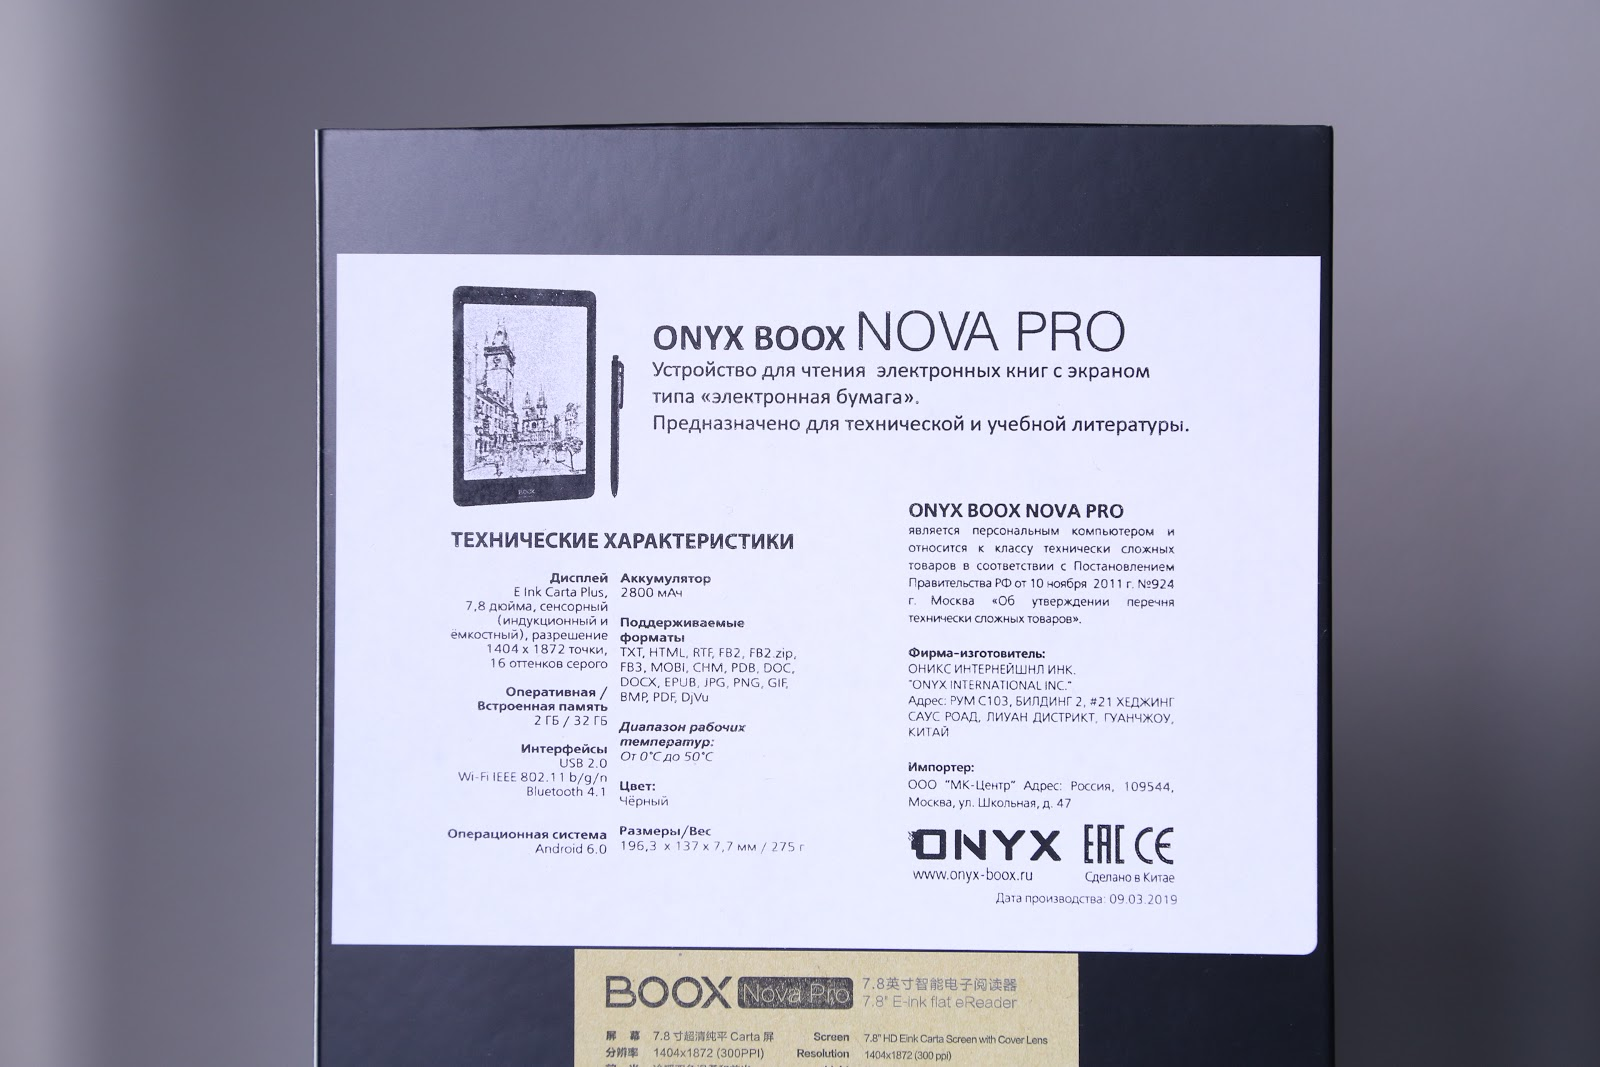 Его ждали, и он не разочаровал: ONYX BOOX Nova Pro - 29